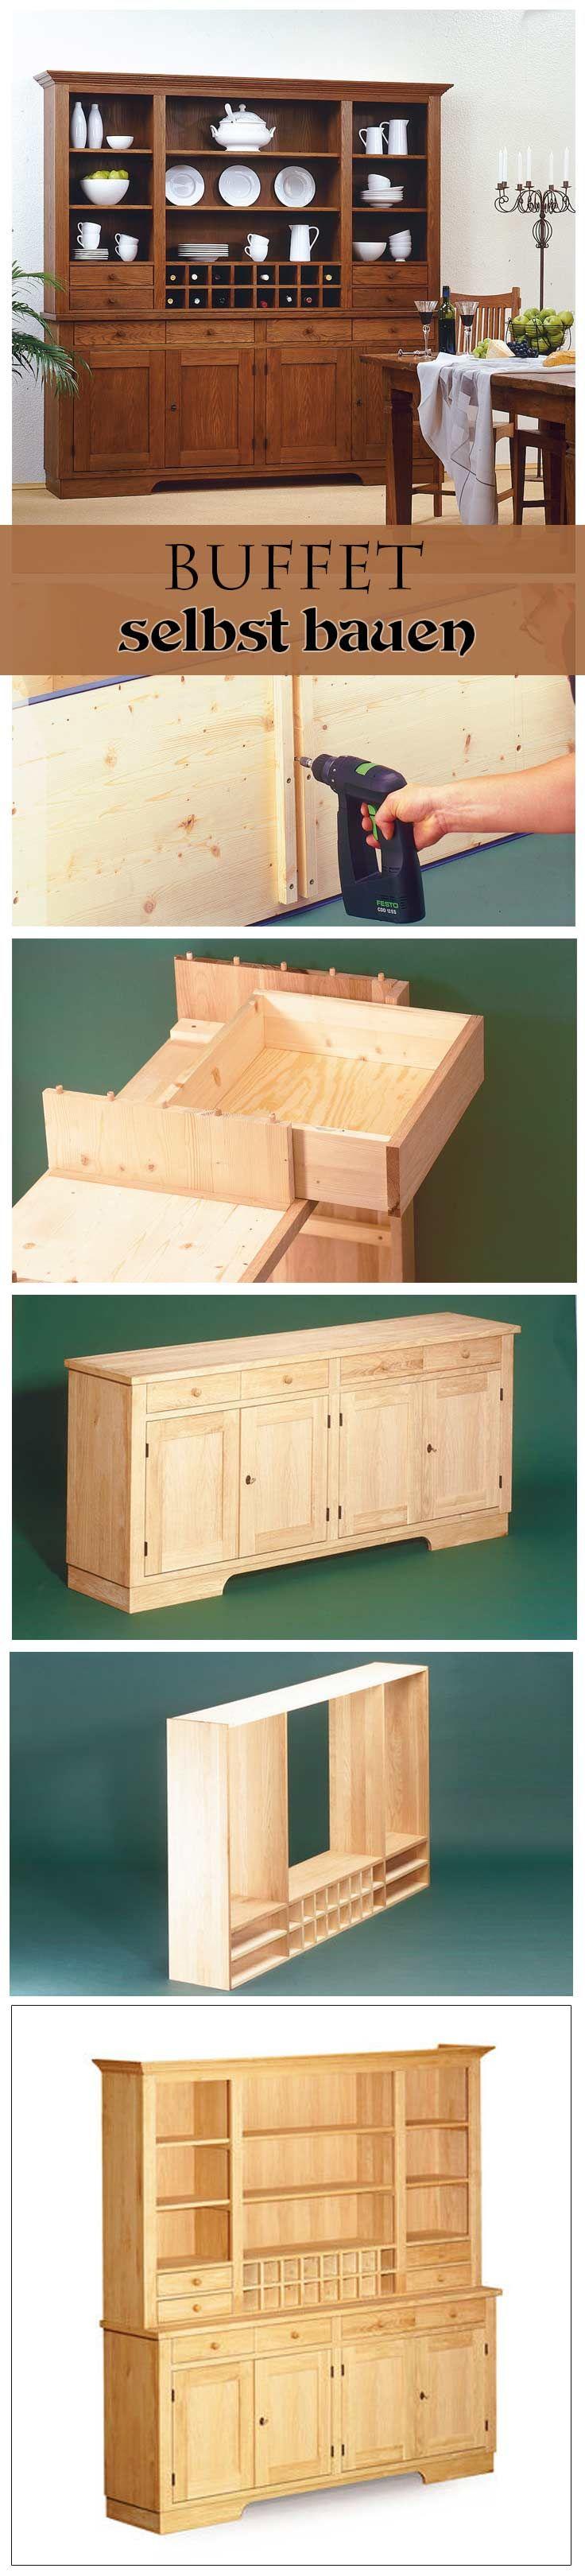 die besten 25 eckbank selber bauen ideen auf pinterest eckbank garten sitzbank selber bauen. Black Bedroom Furniture Sets. Home Design Ideas